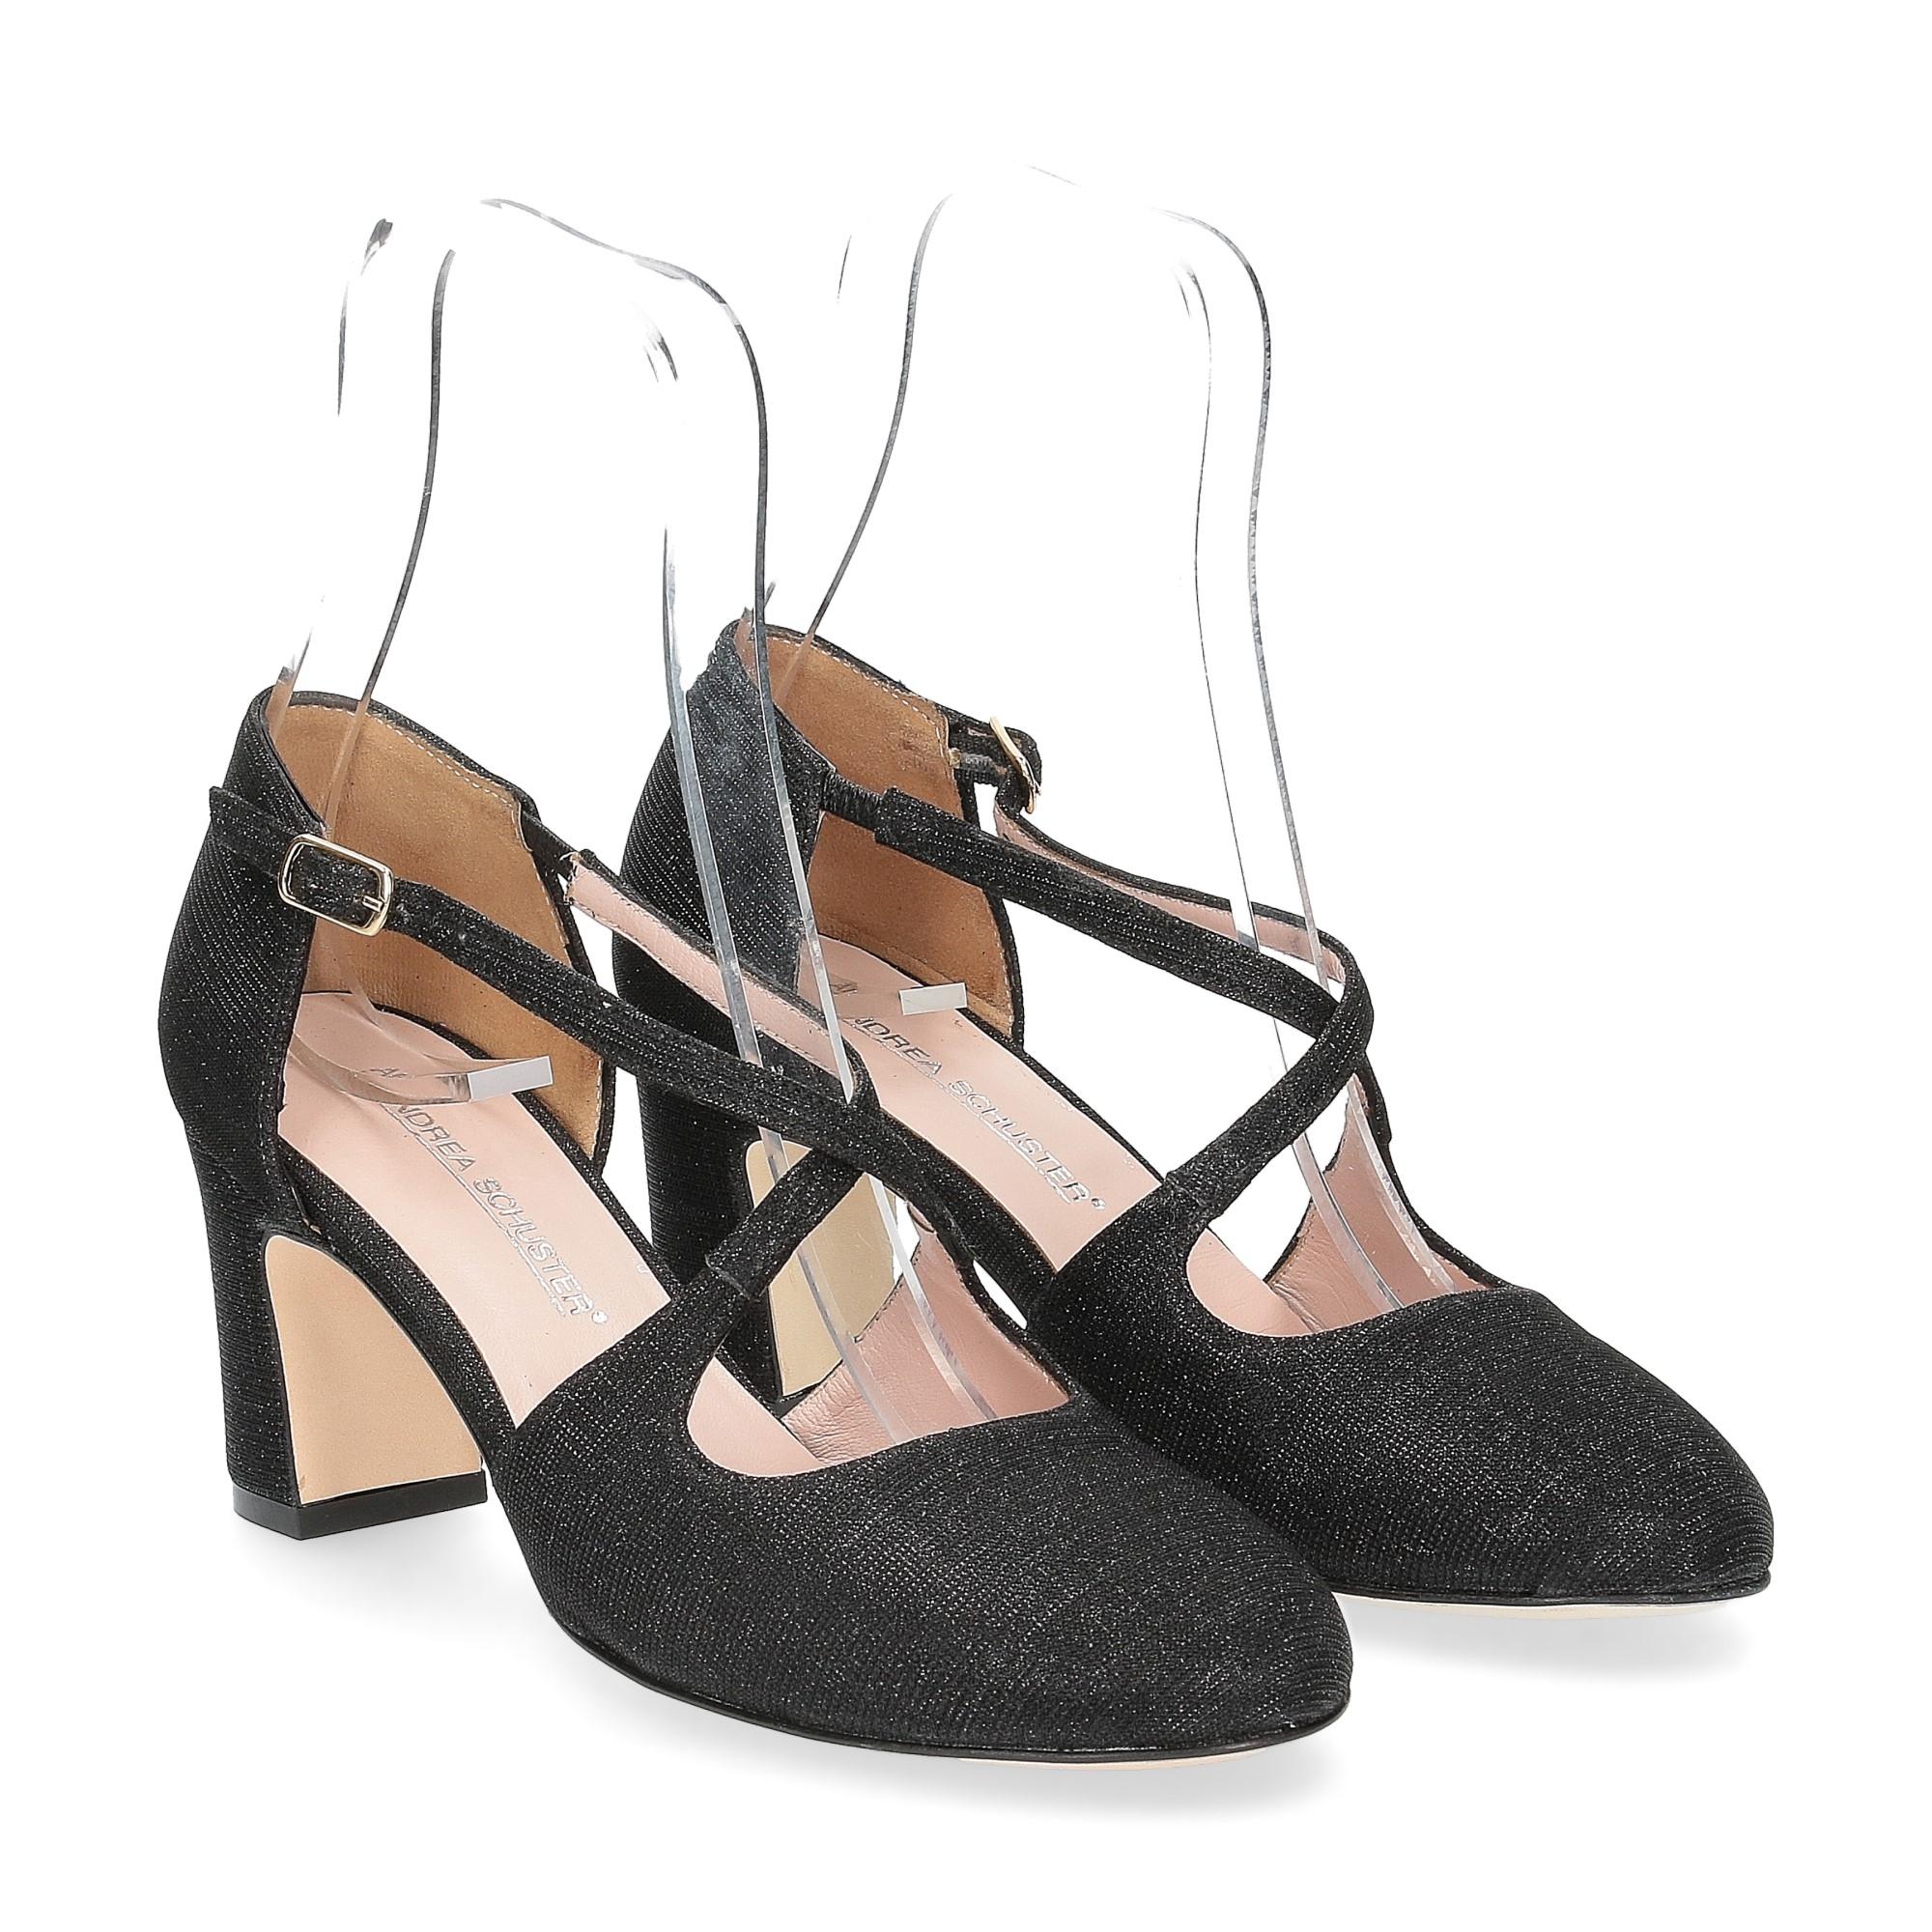 Andrea Schuster sandaliera tessuto lurex nero 7cm